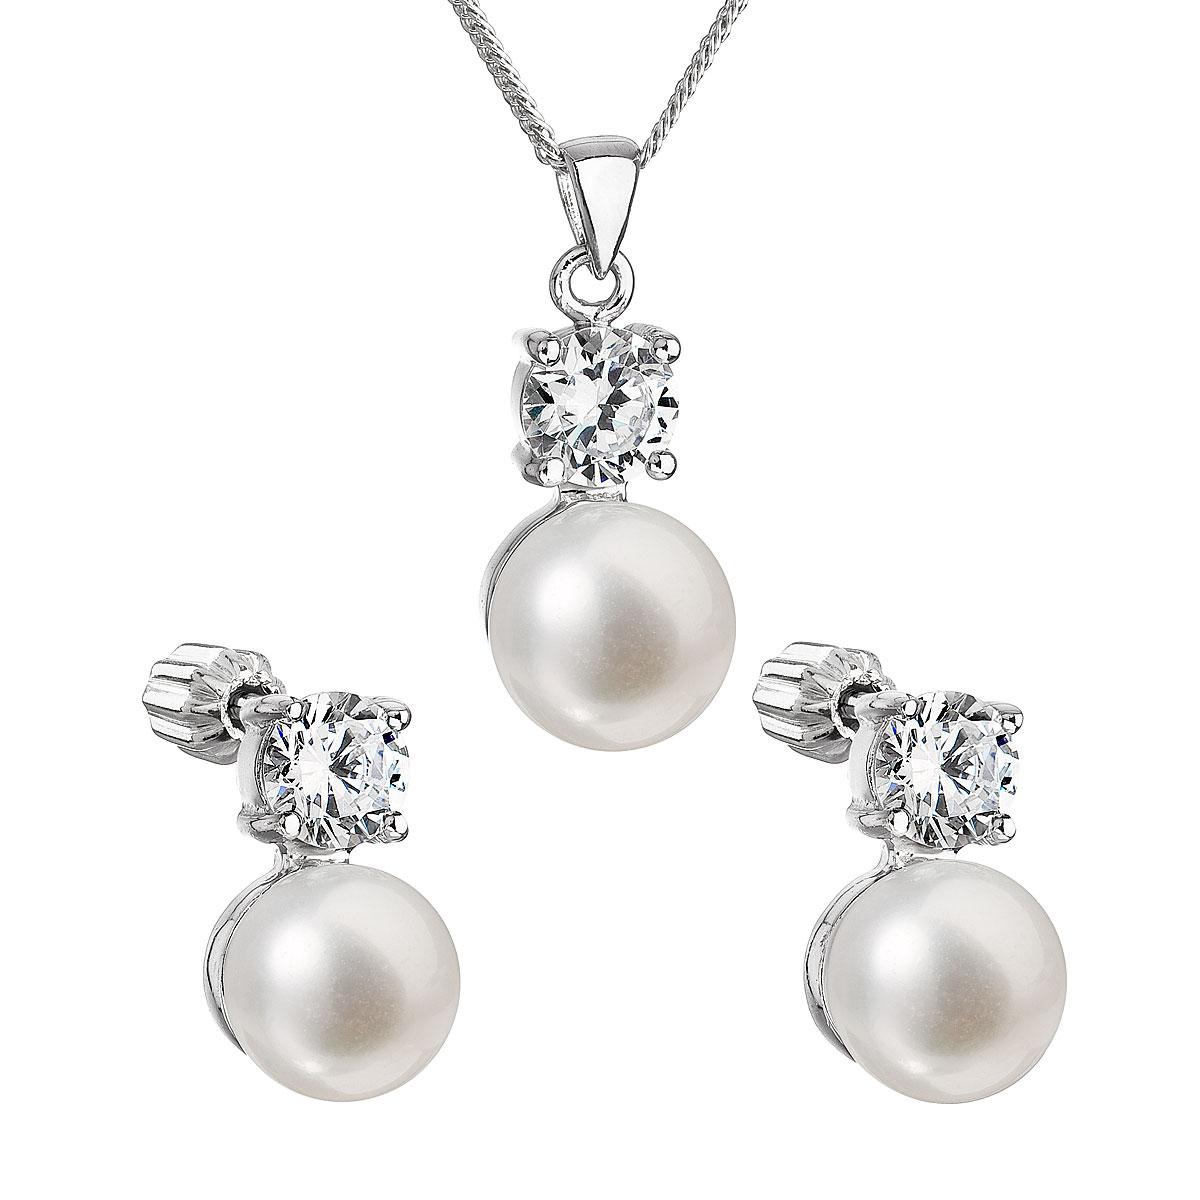 Perlová souprava včetně řetízku z říčních perel bílá 29002.1